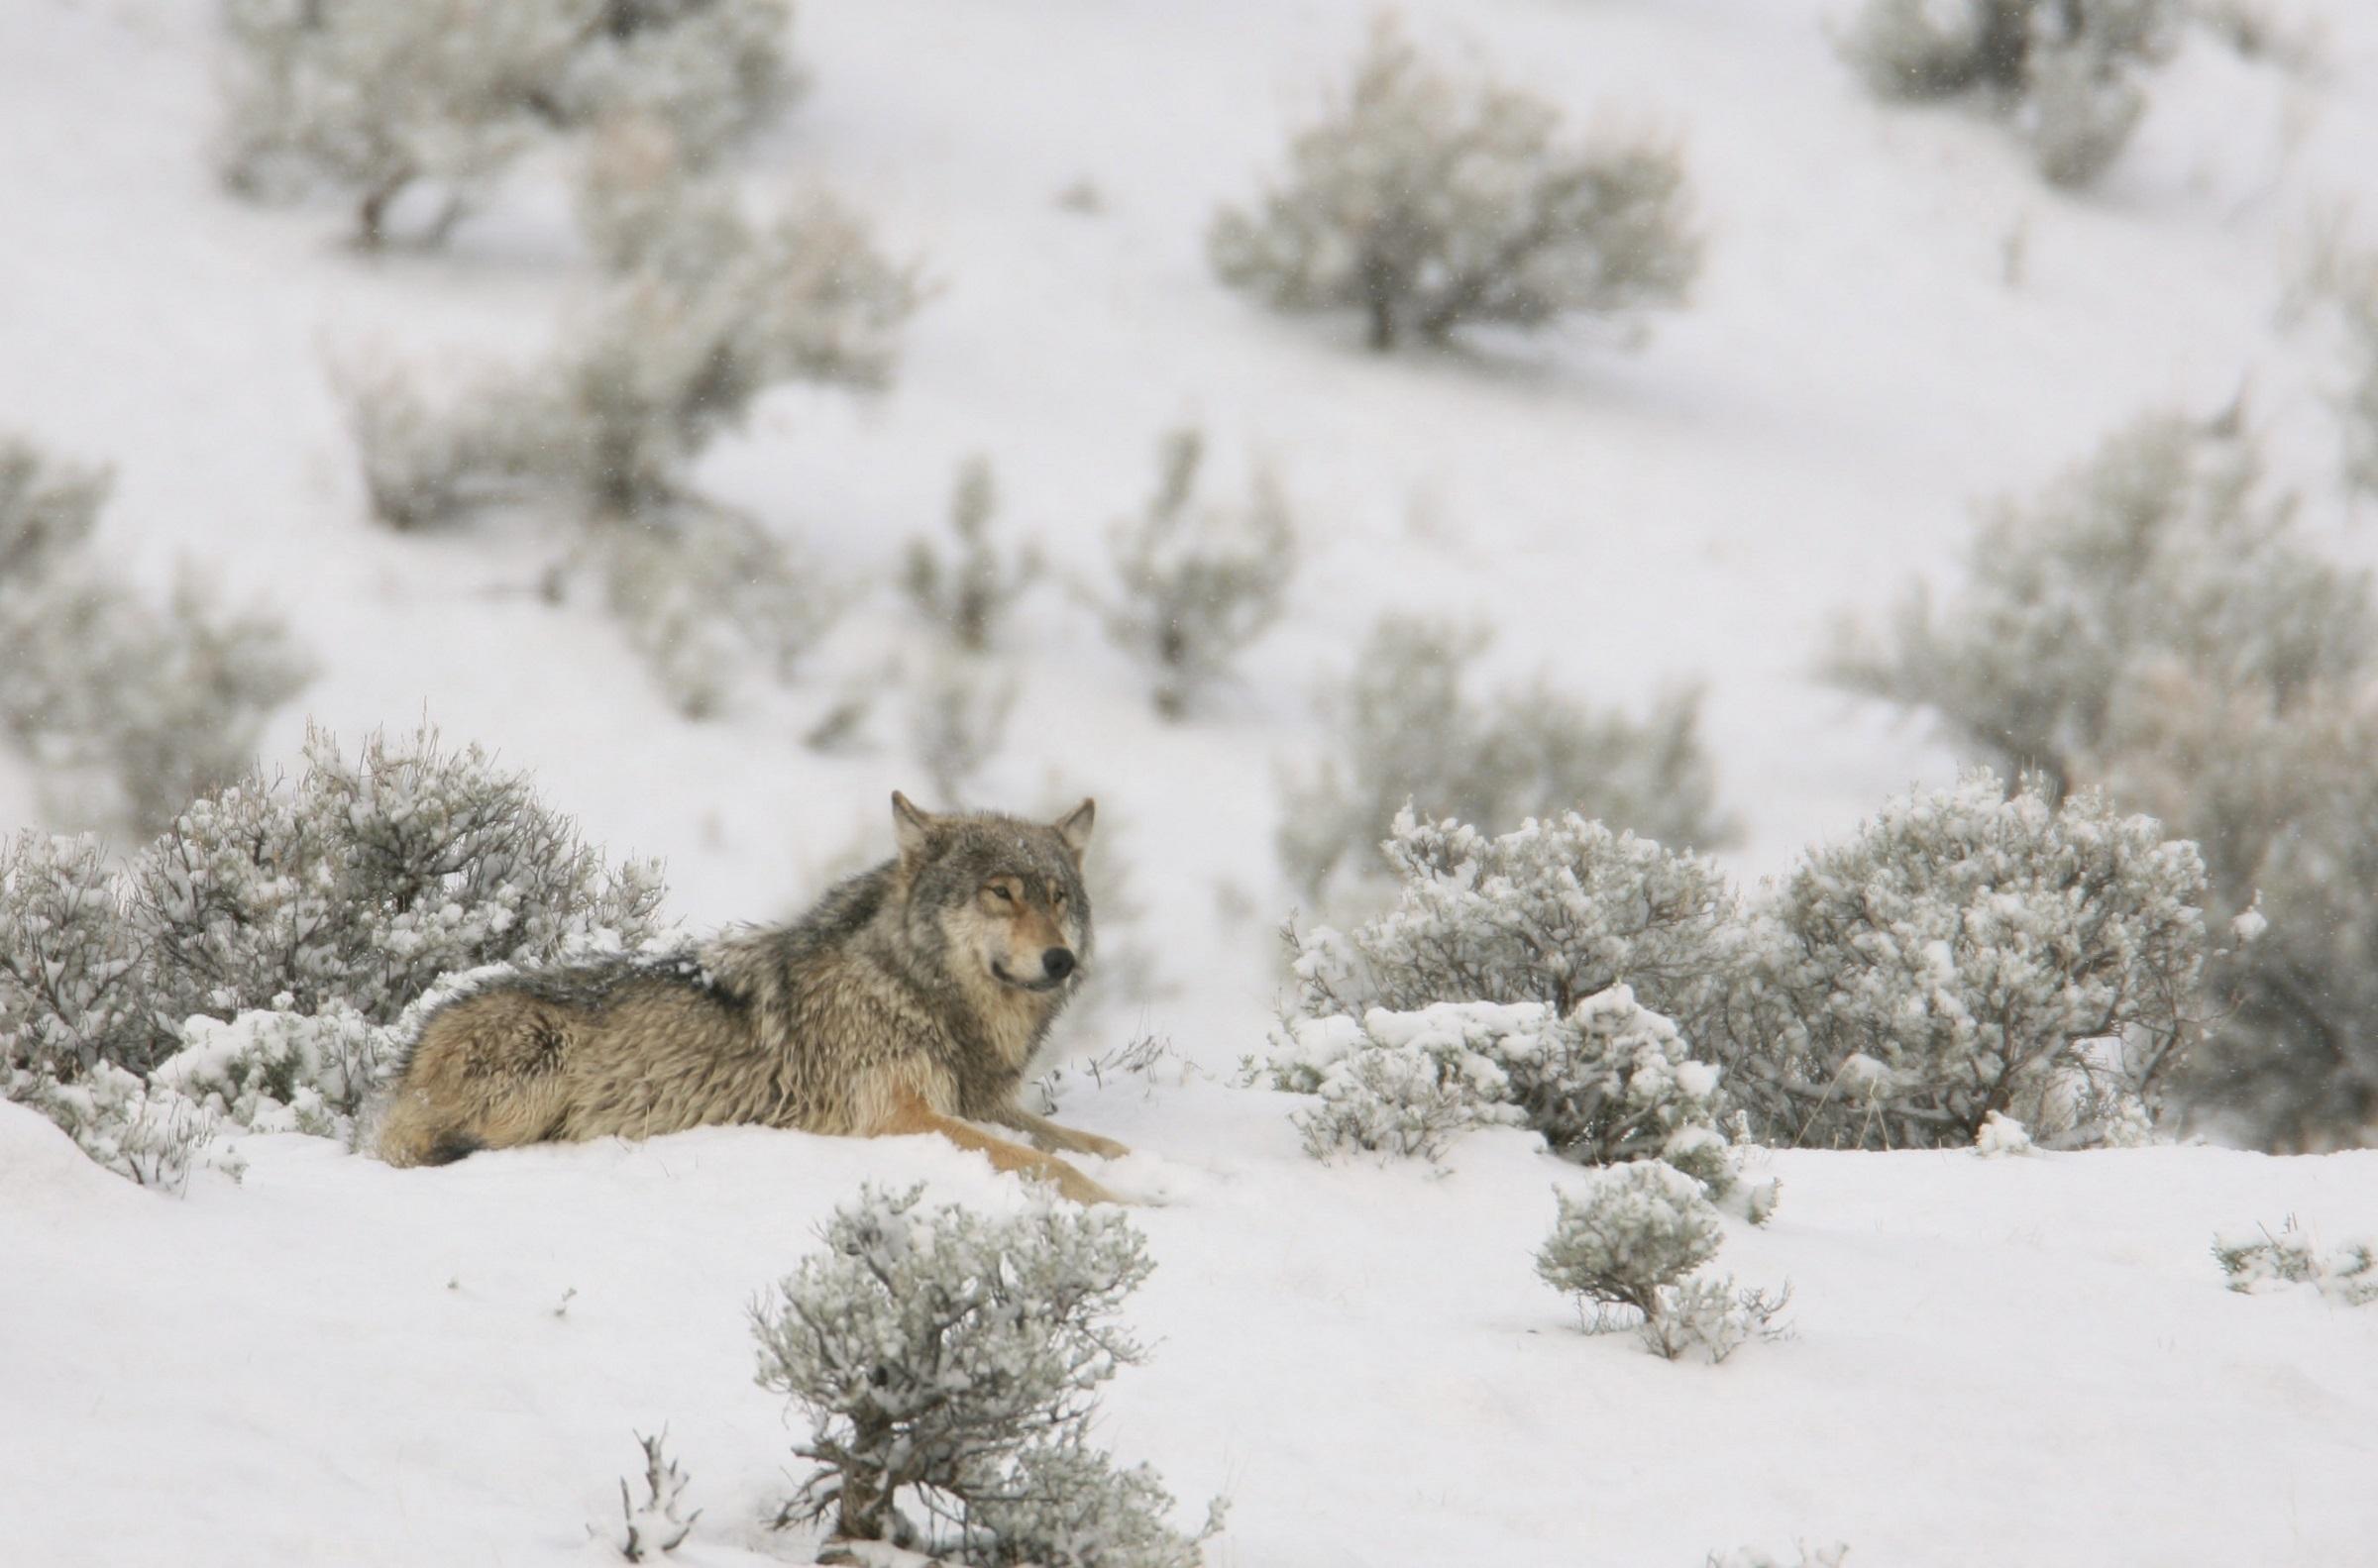 2a7b660ad45 Gratis billeder : træ, natur, afdeling, sne, kold, vinter, frost, leder,  dyreliv, vild, pels, portræt, vejr, USA, pattedyr, ulv, rovdyr, egern,  prærieulv, ...